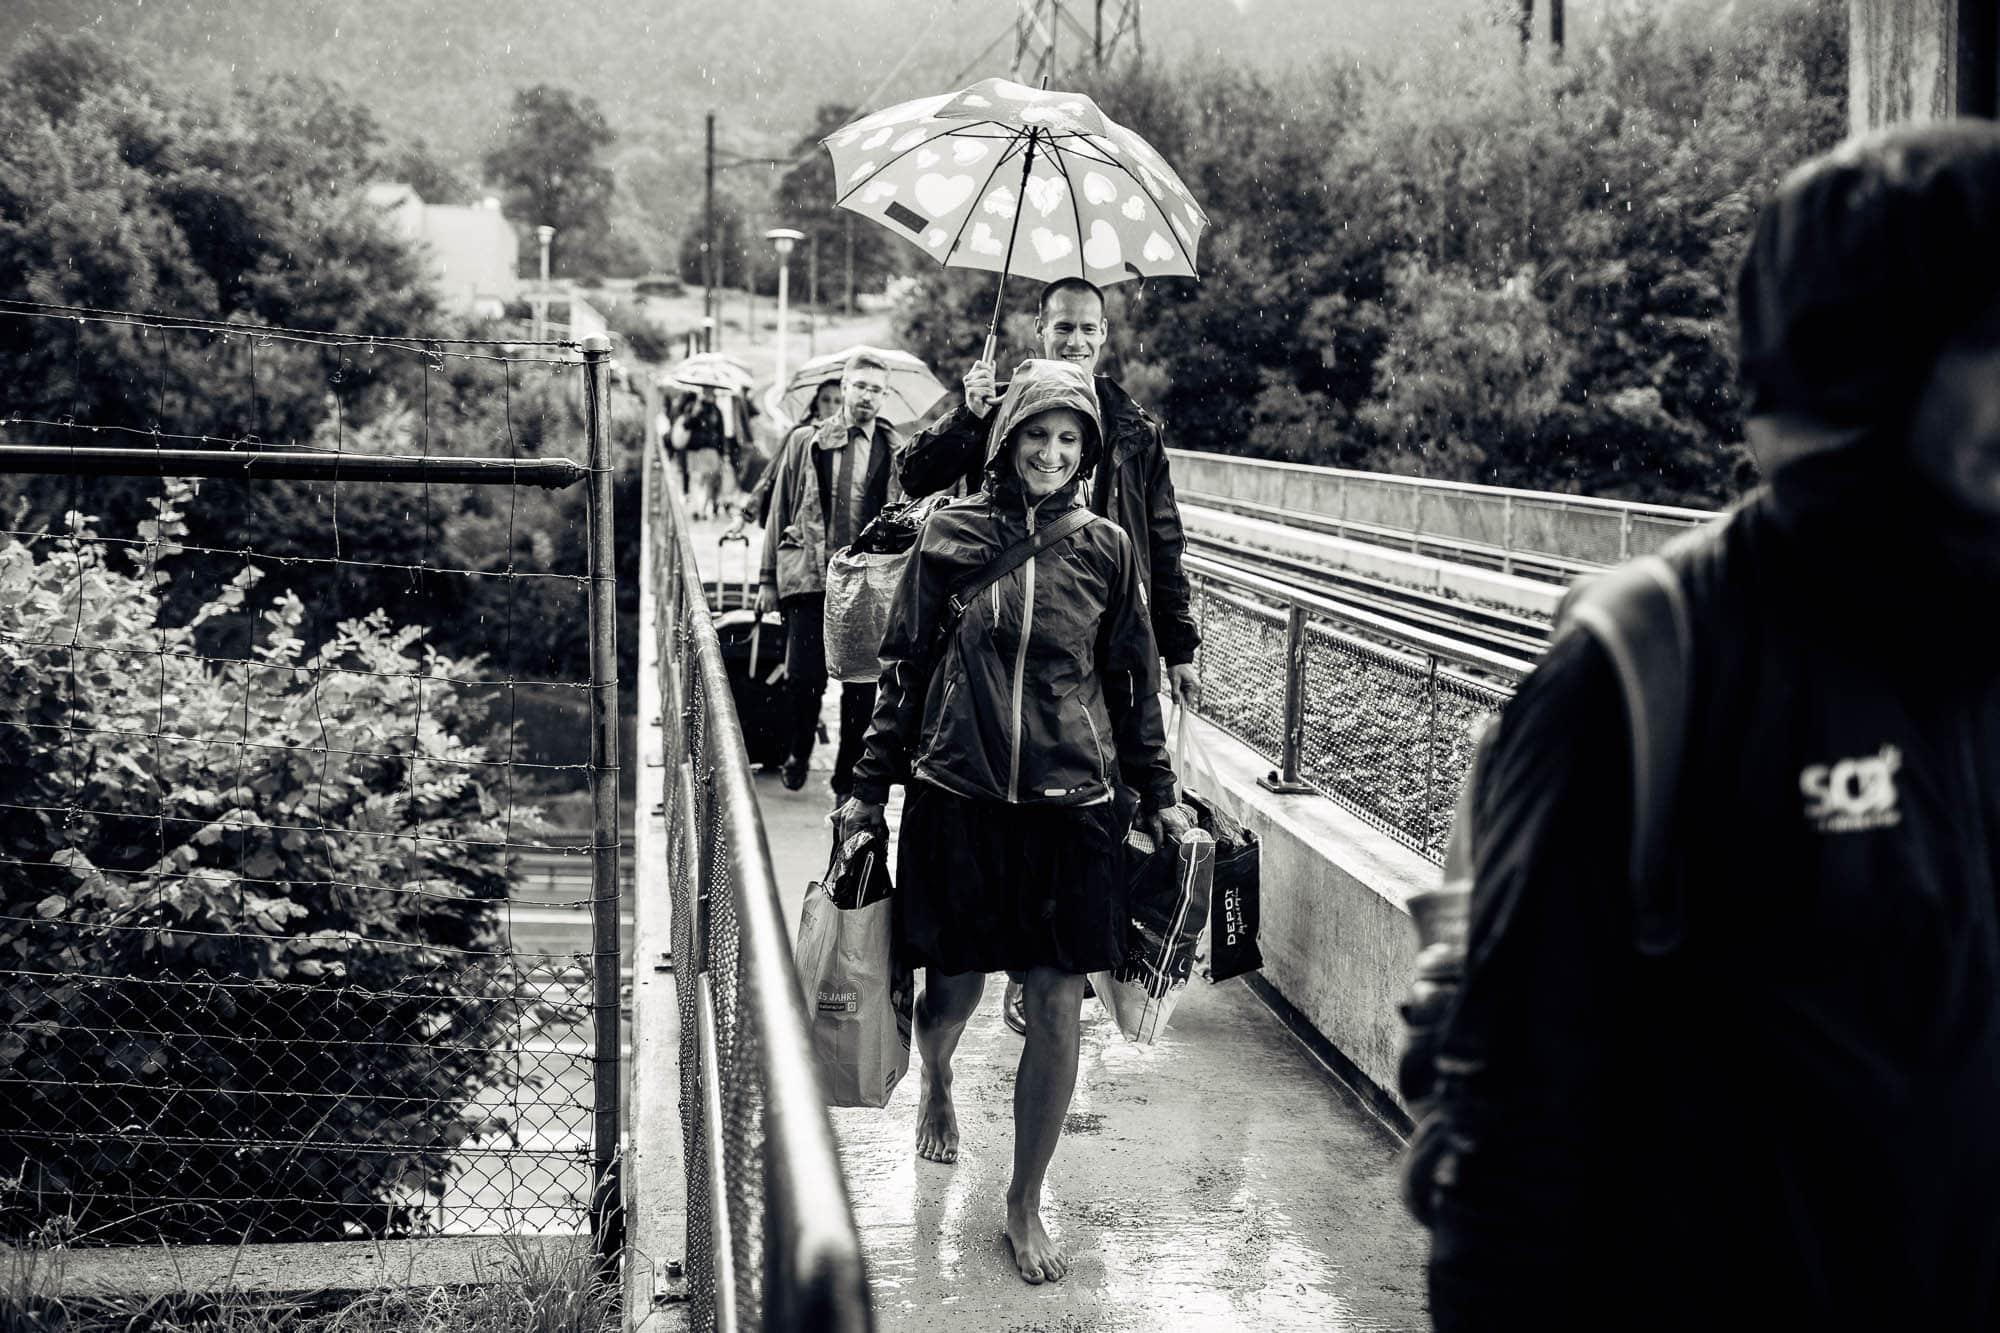 Hochzeitsgast läuft barfuss im Regen